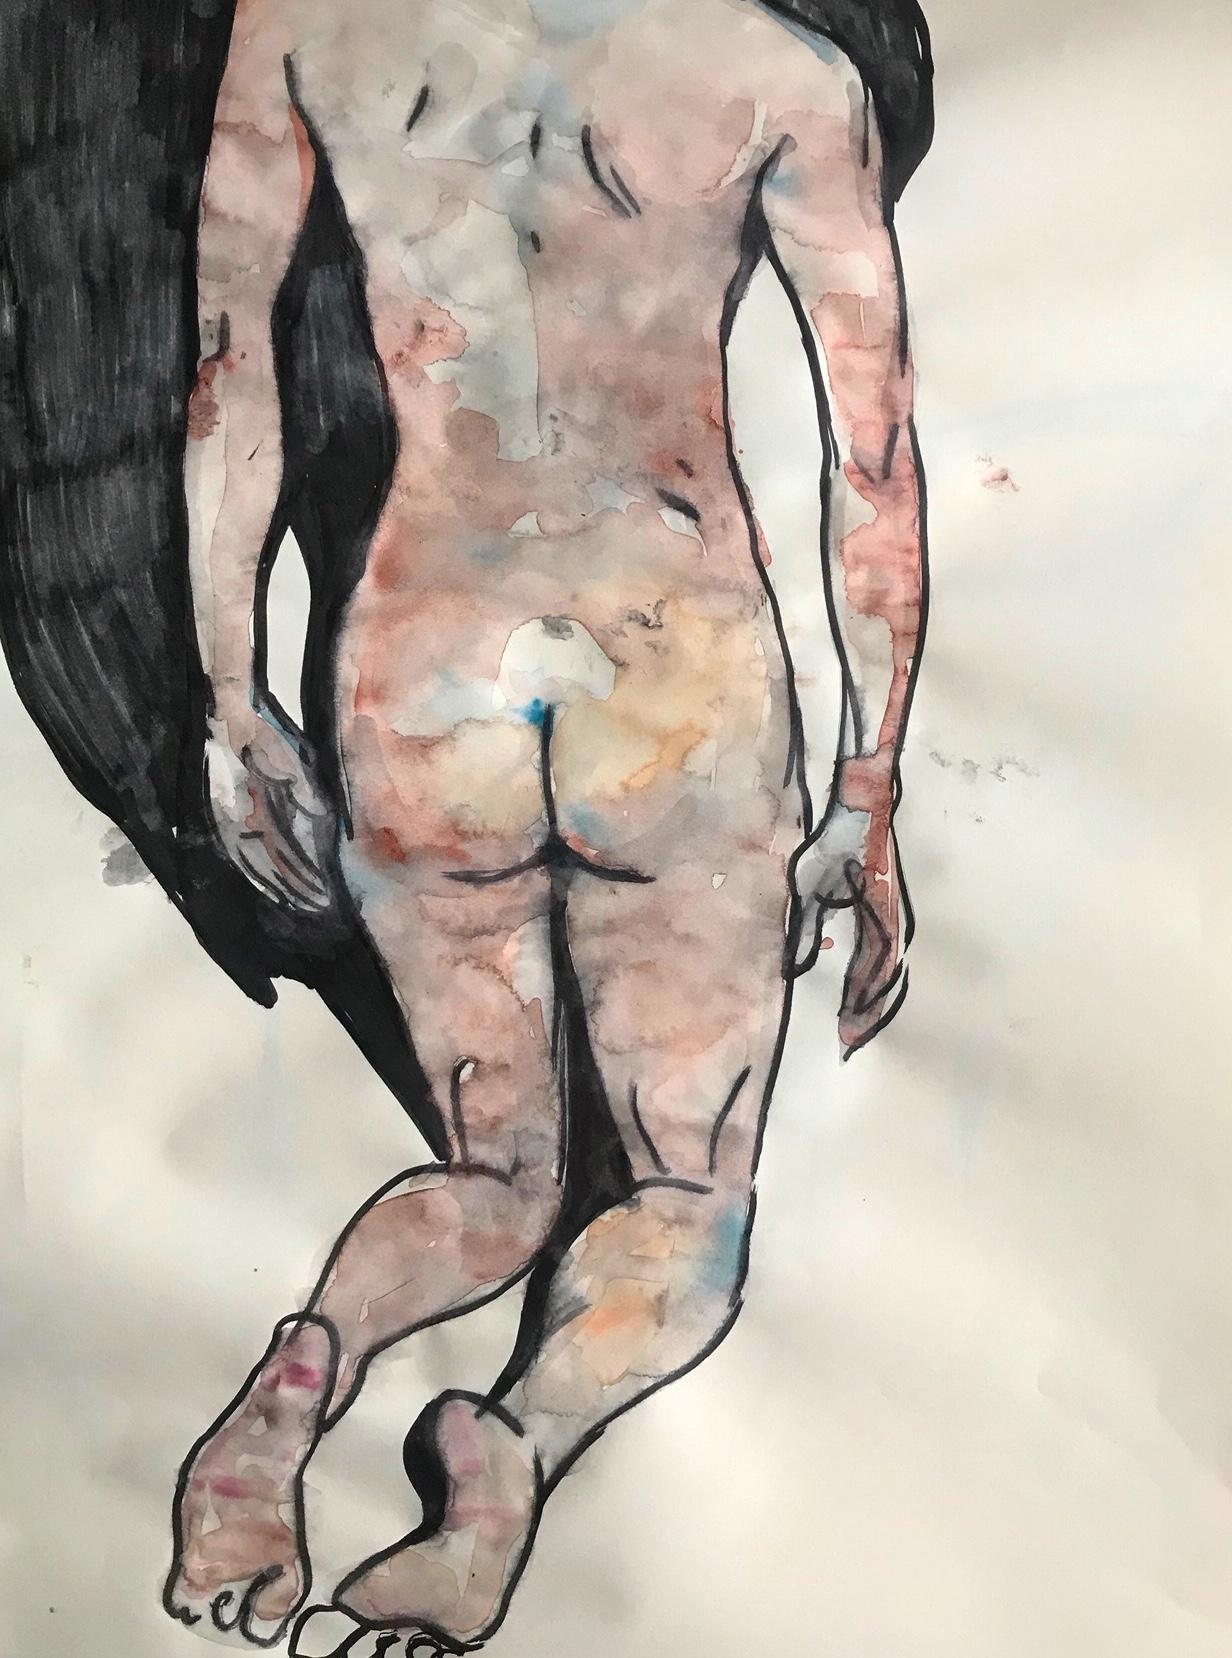 Self nude study